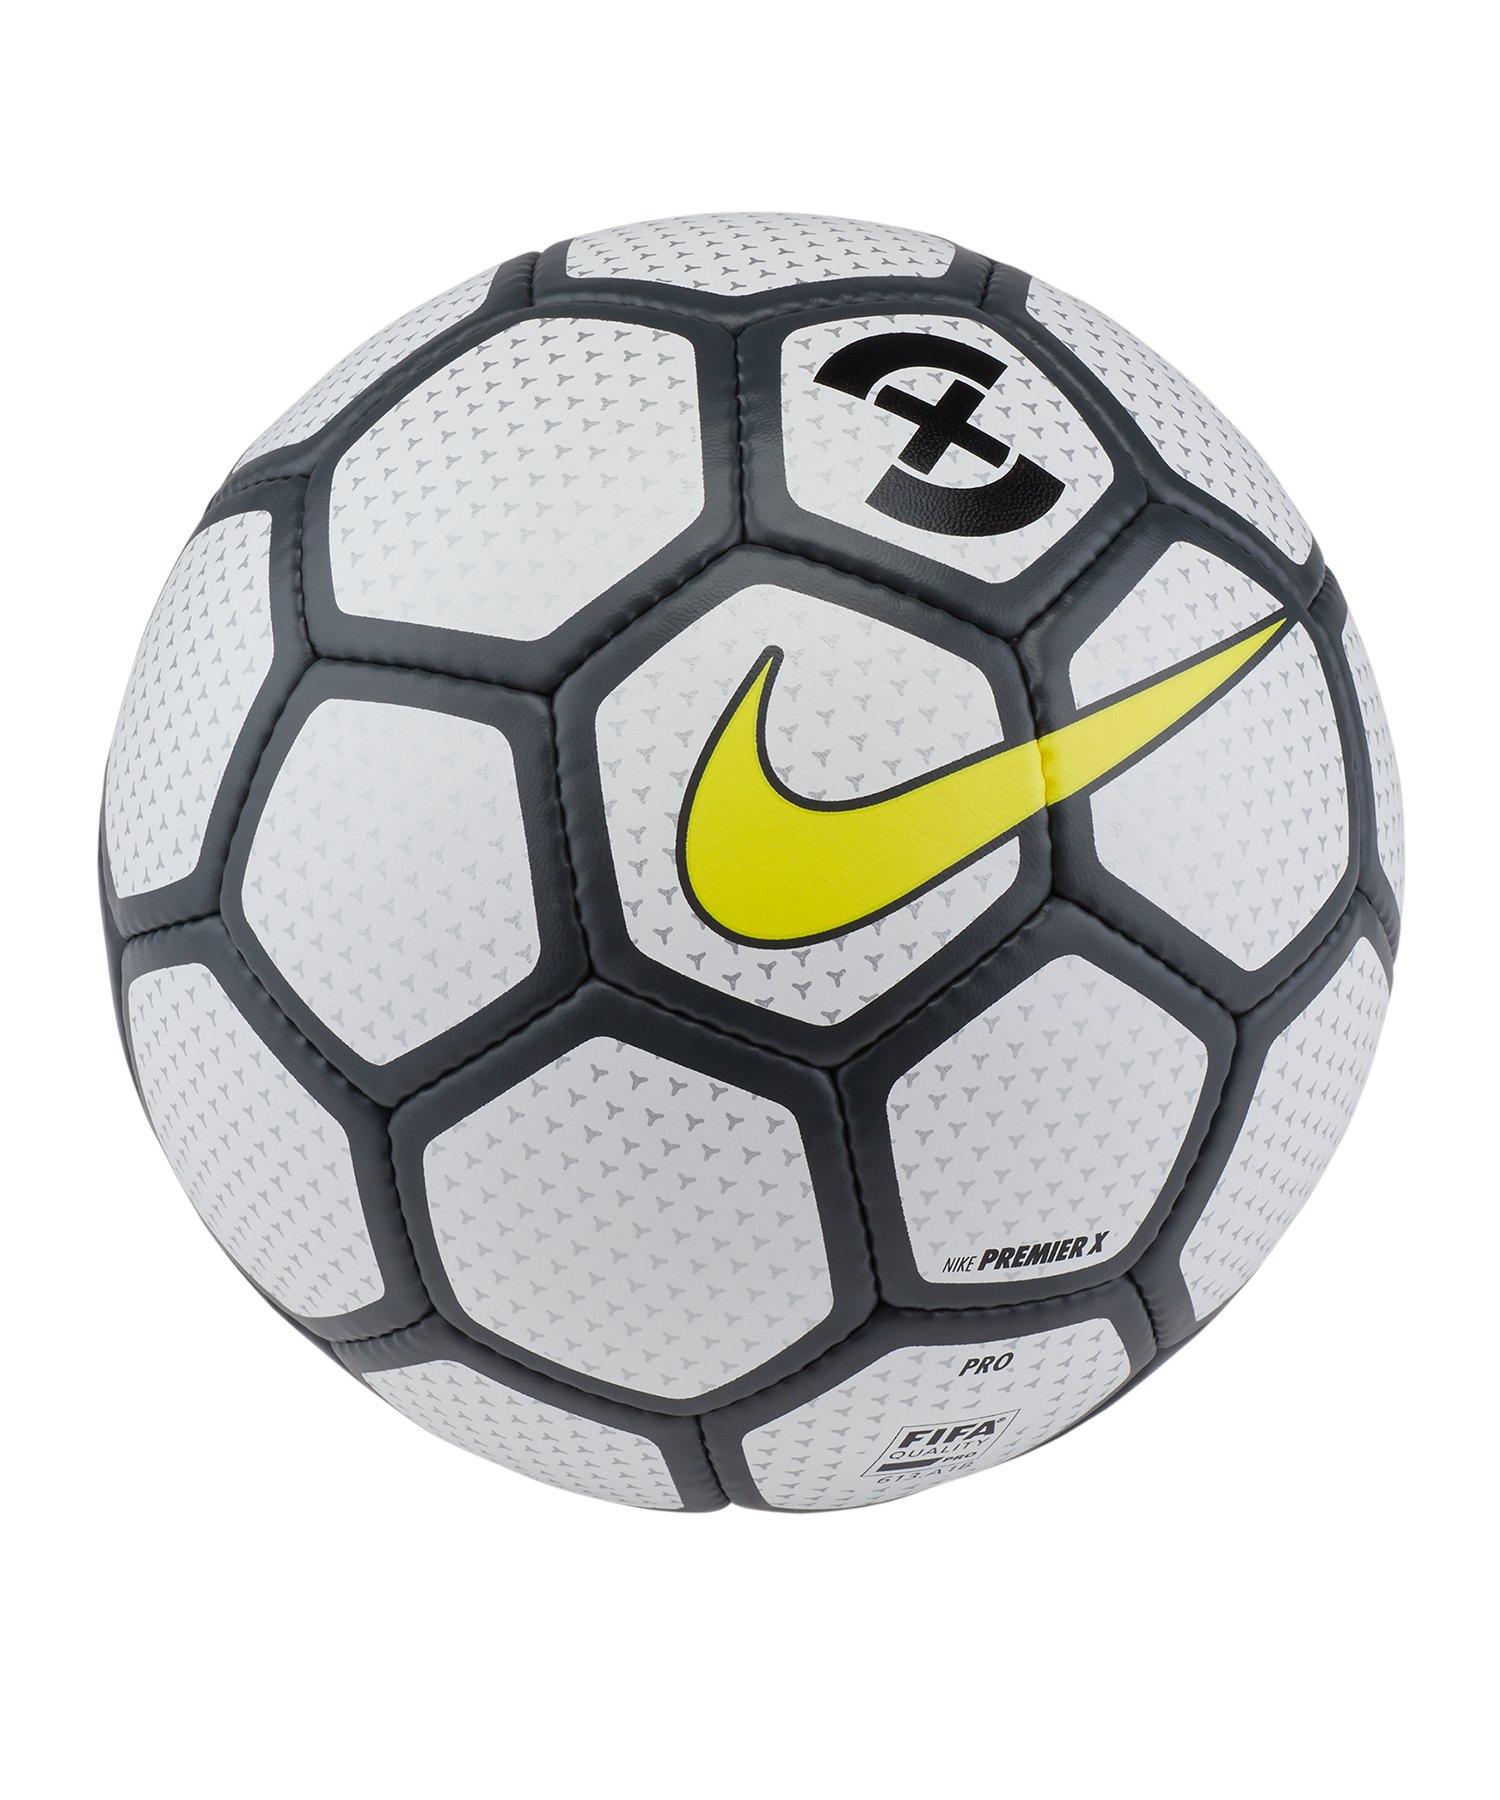 Nike Premier X Futsal Weiss F100 - weiss